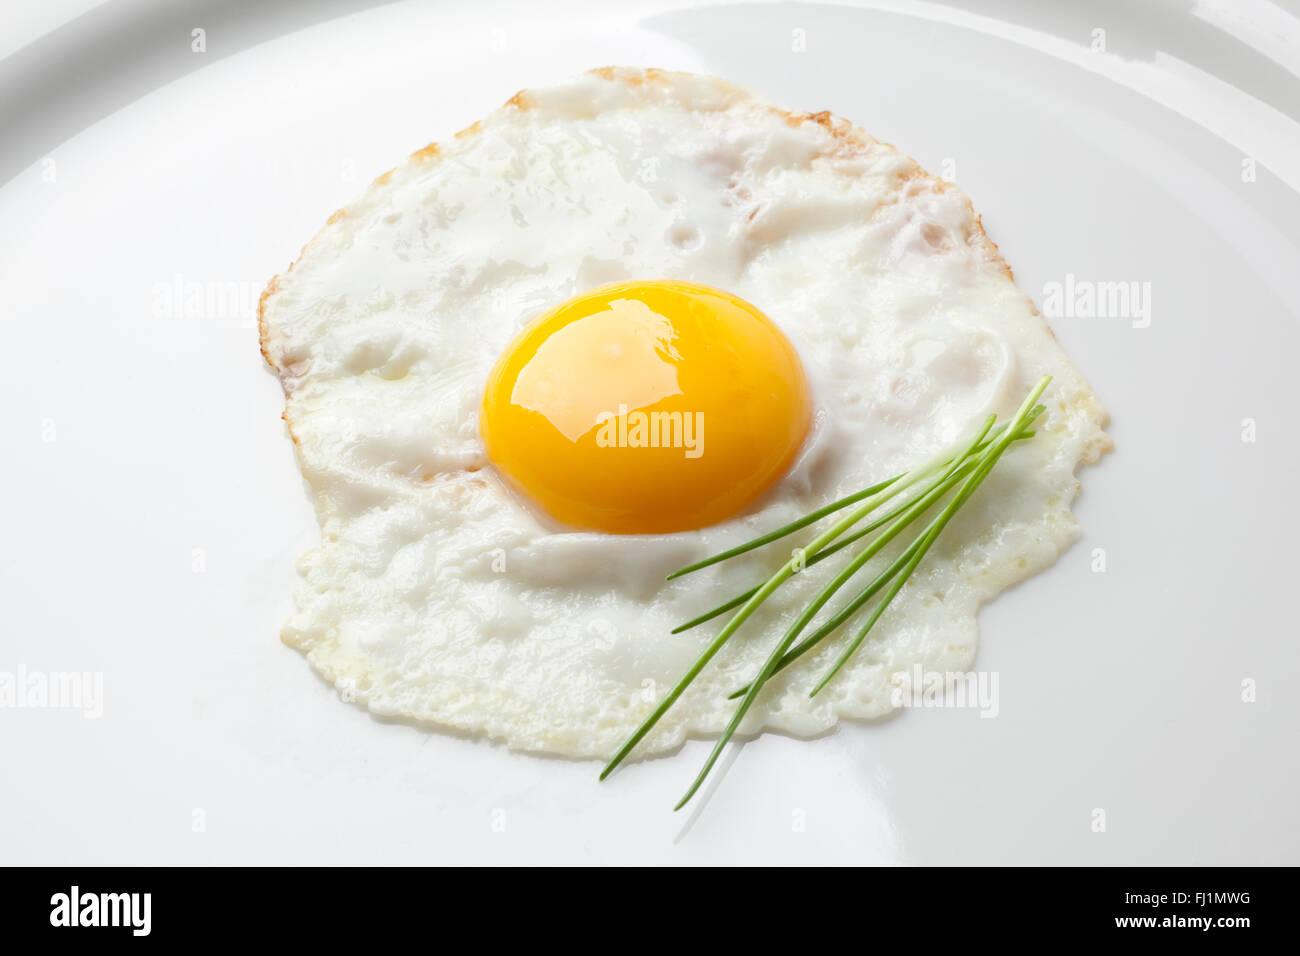 Uovo fritto sunny side up con erba cipollina su una piastra bianca Immagini Stock